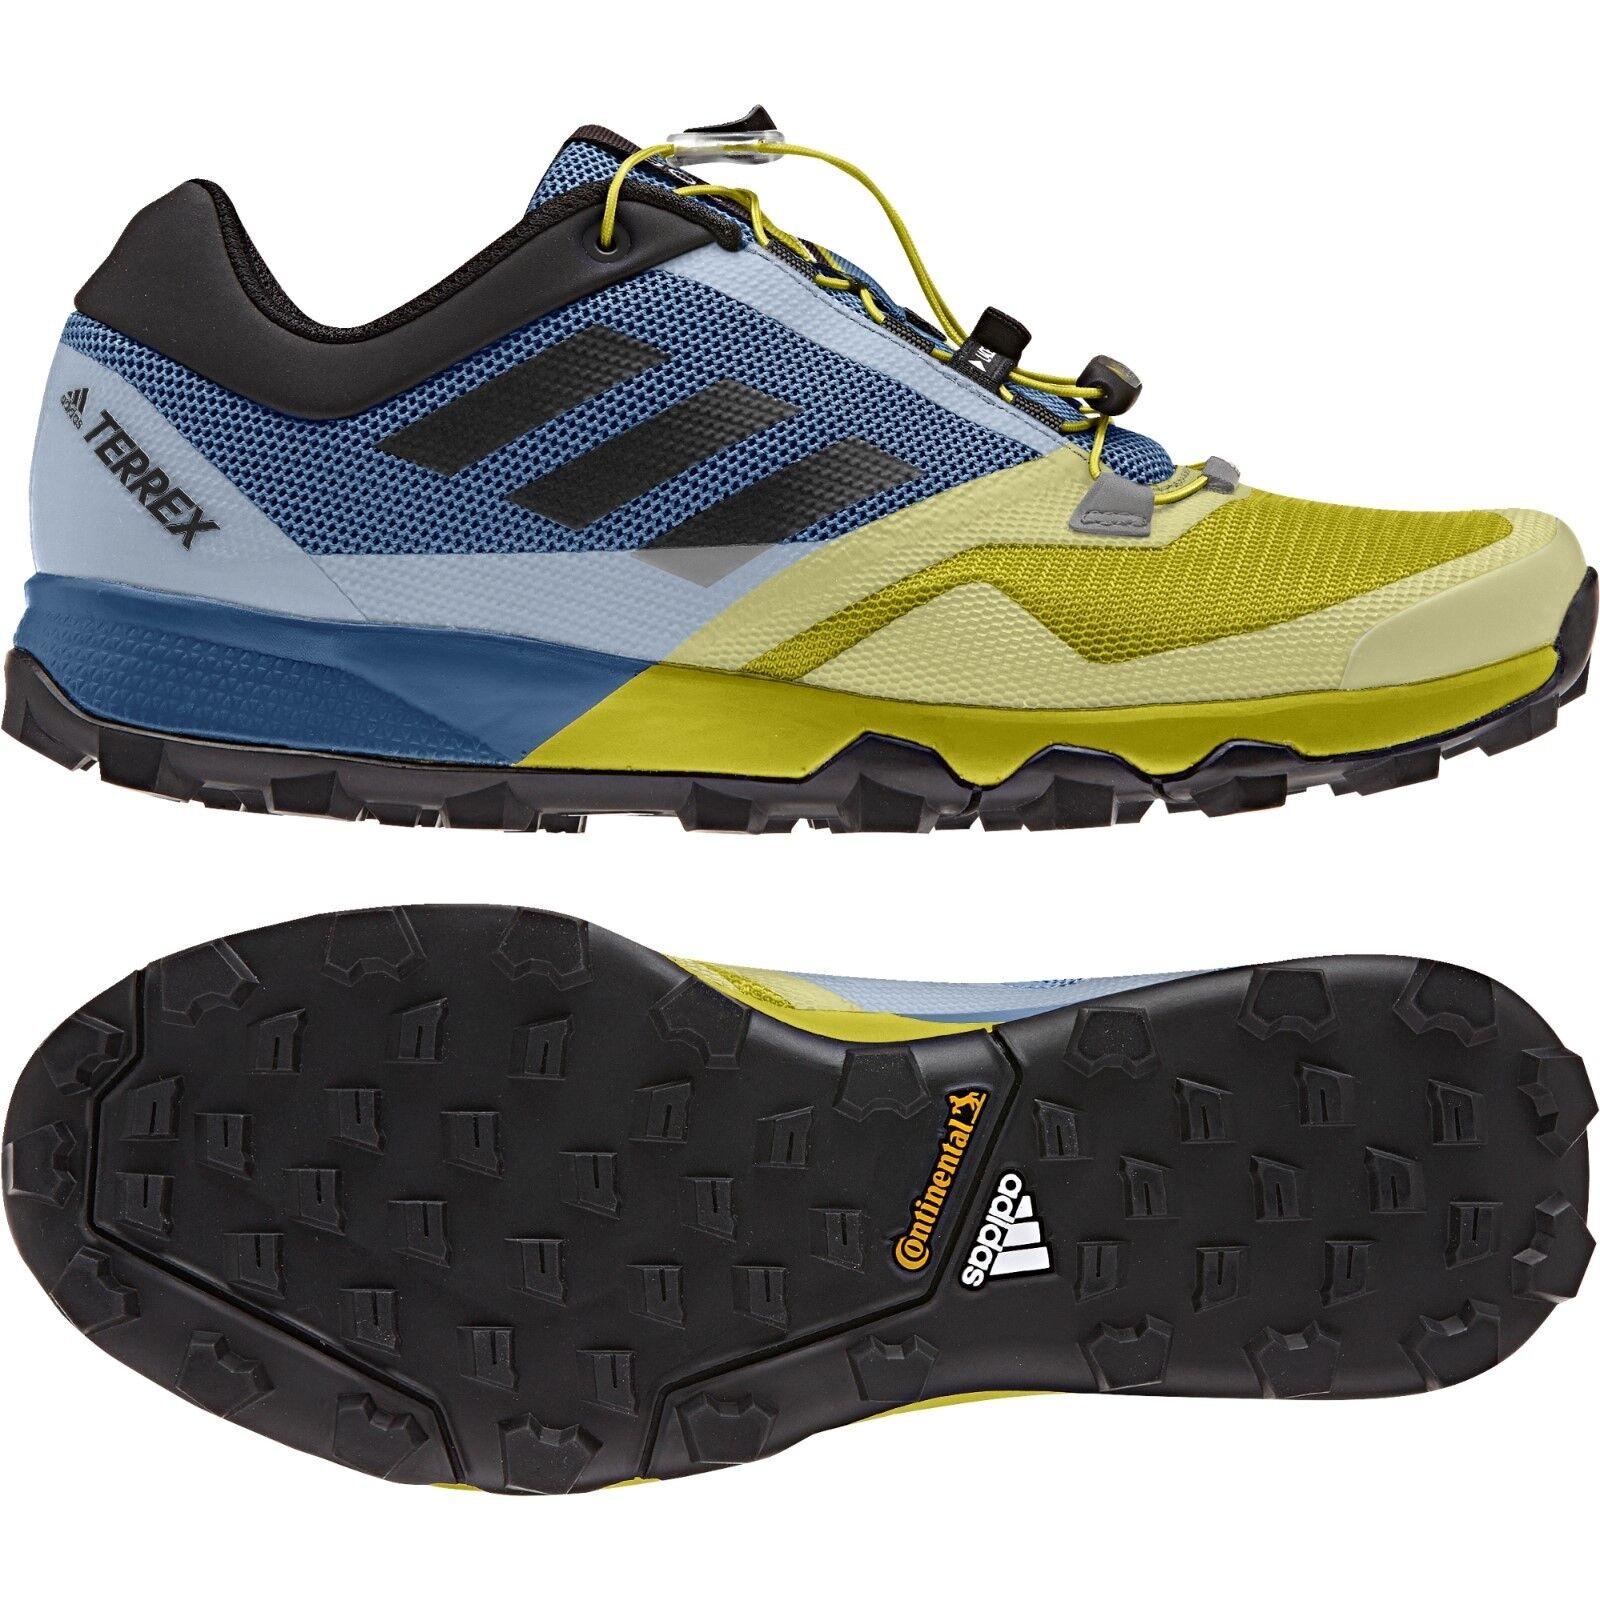 adidas Schuh BB3357 TERREX TRAILMAKER Outdoor Turnschuhe Unisex NEU Wanderschuhe